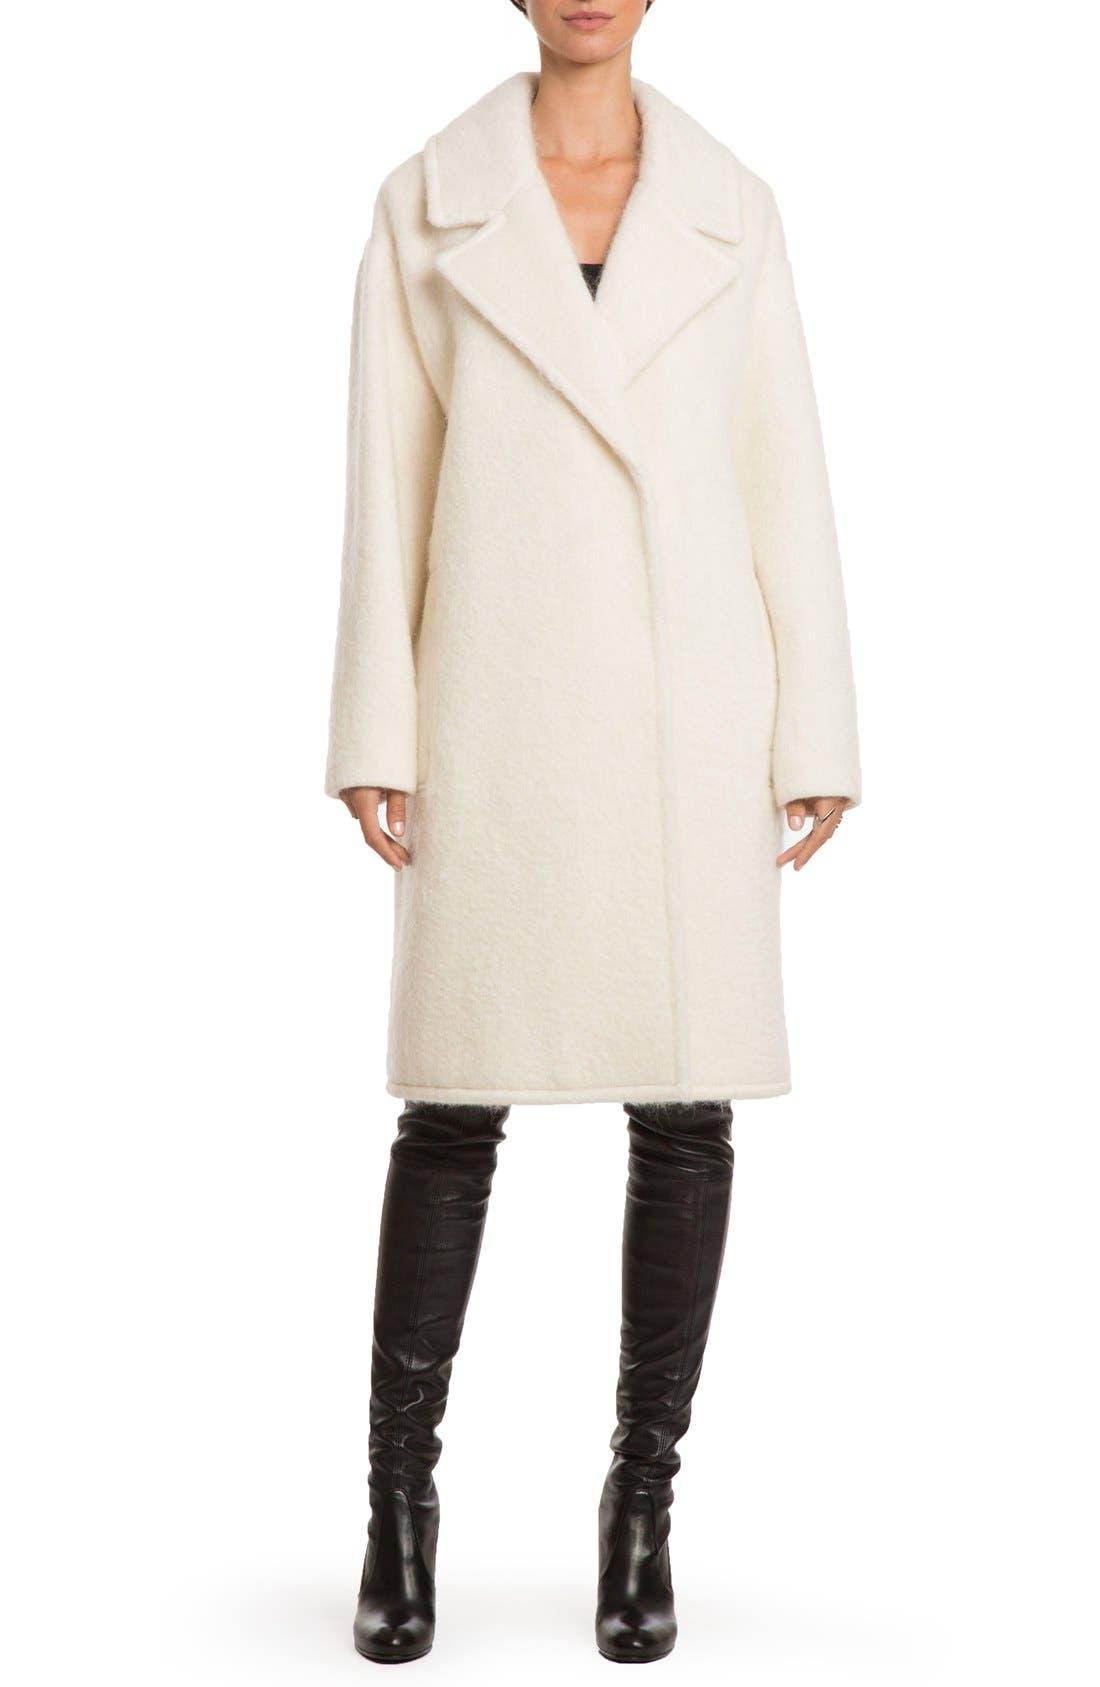 Main Image - Badgley Mischka 'Jenna' Snap Back Cocoon Coat